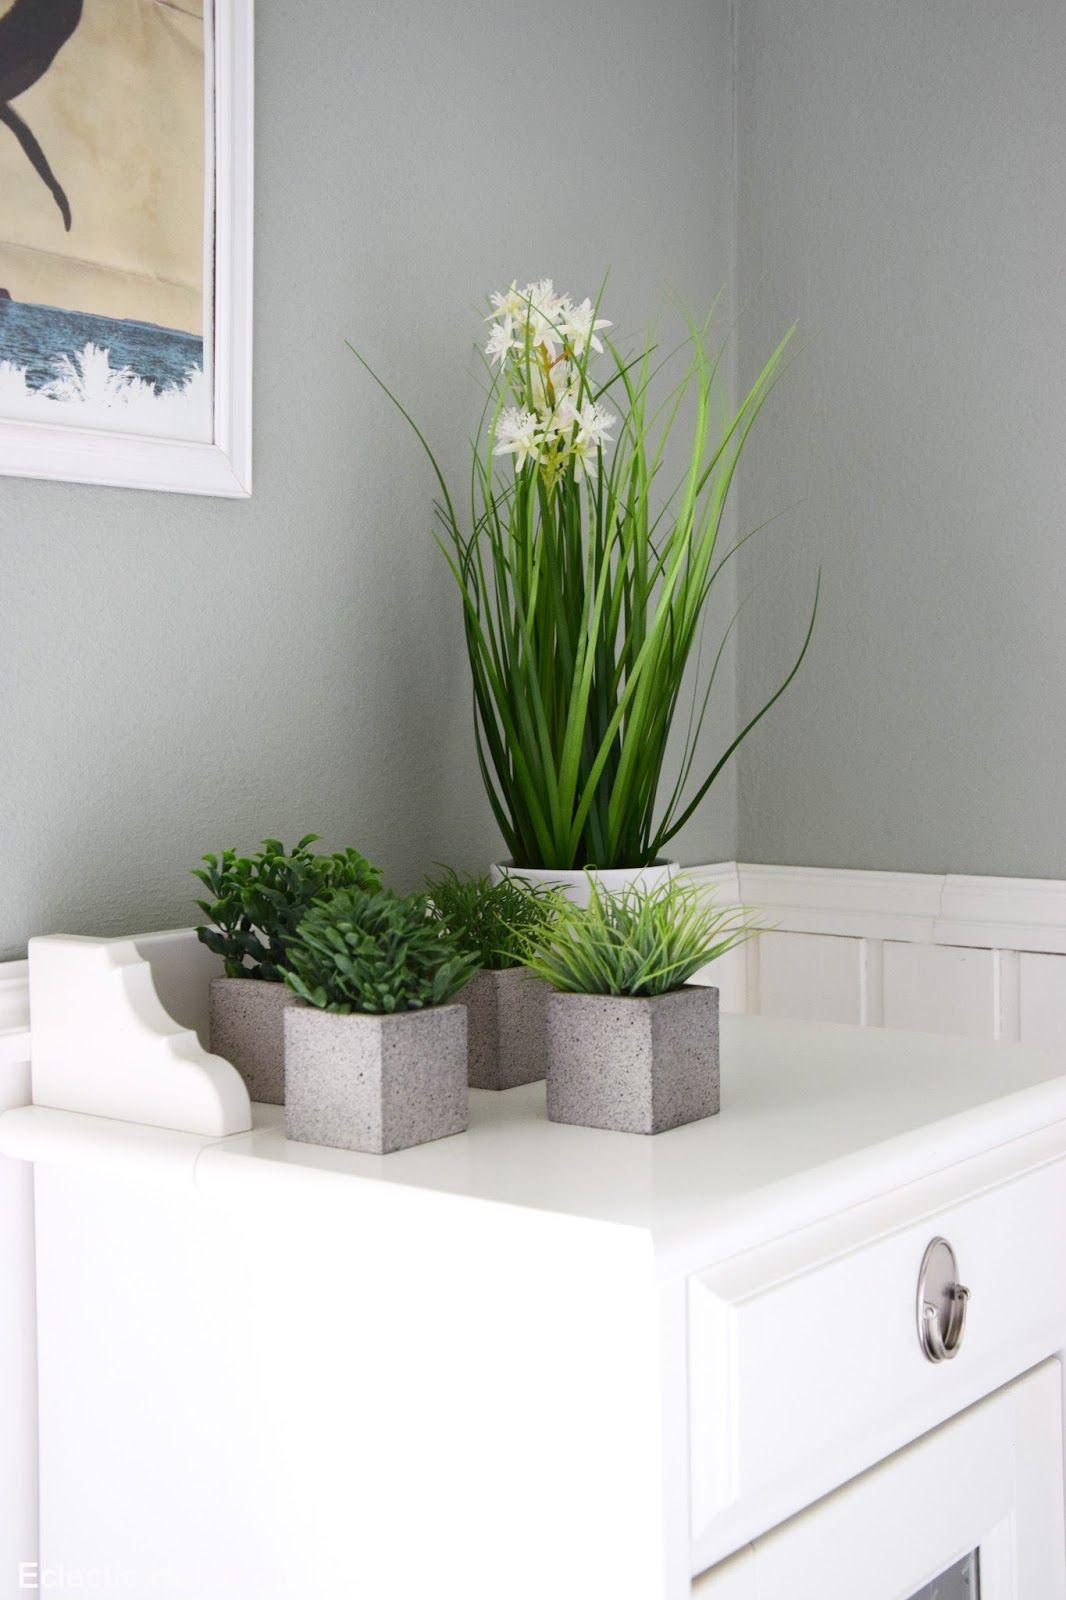 pflanzen f r mein badezimmer und einblicke endlich mal wieder botanical style. Black Bedroom Furniture Sets. Home Design Ideas